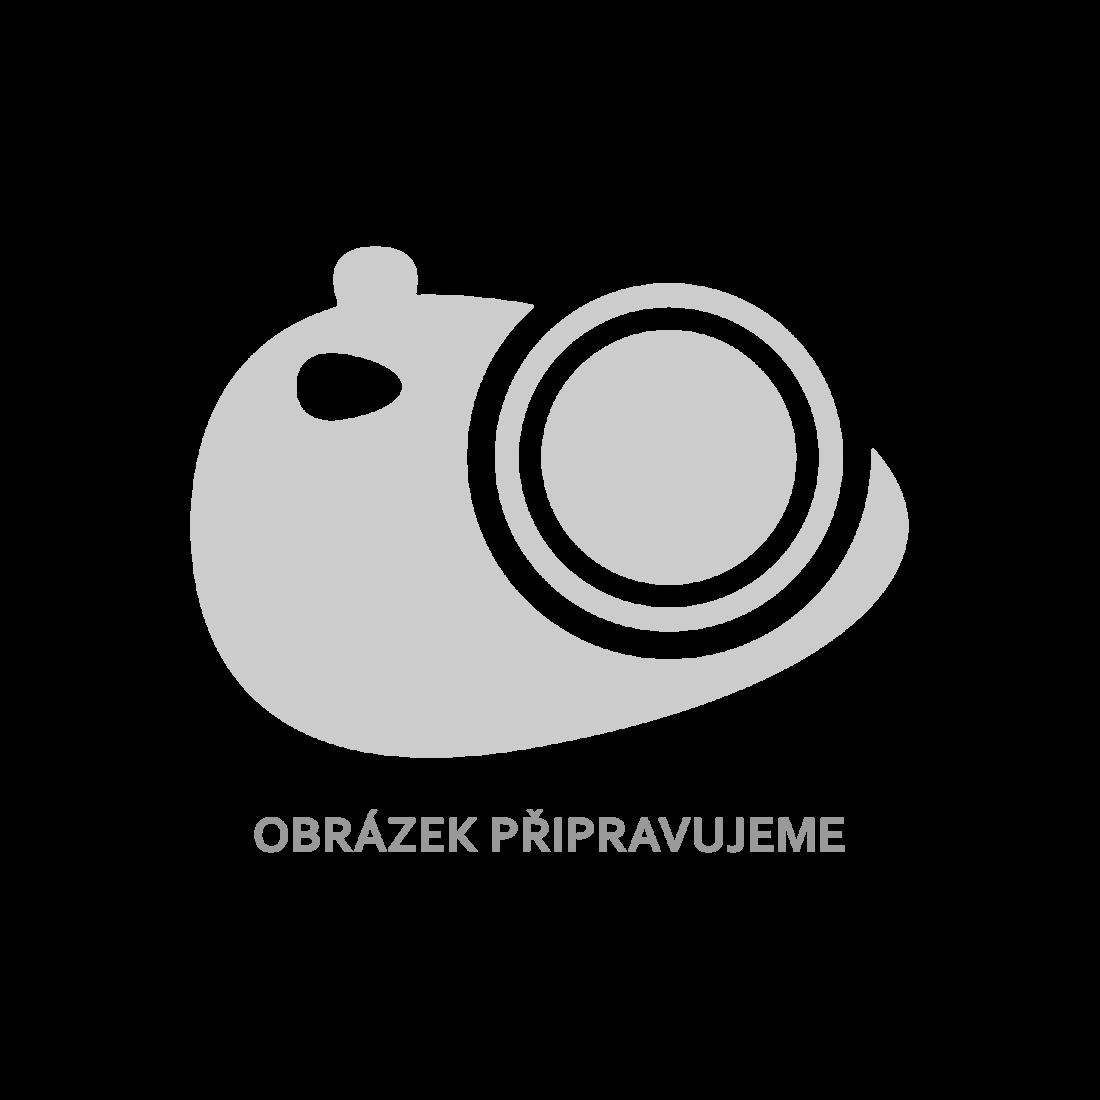 vidaXL Rám postele bílý kov a překližka 140 x 200 cm [324851]